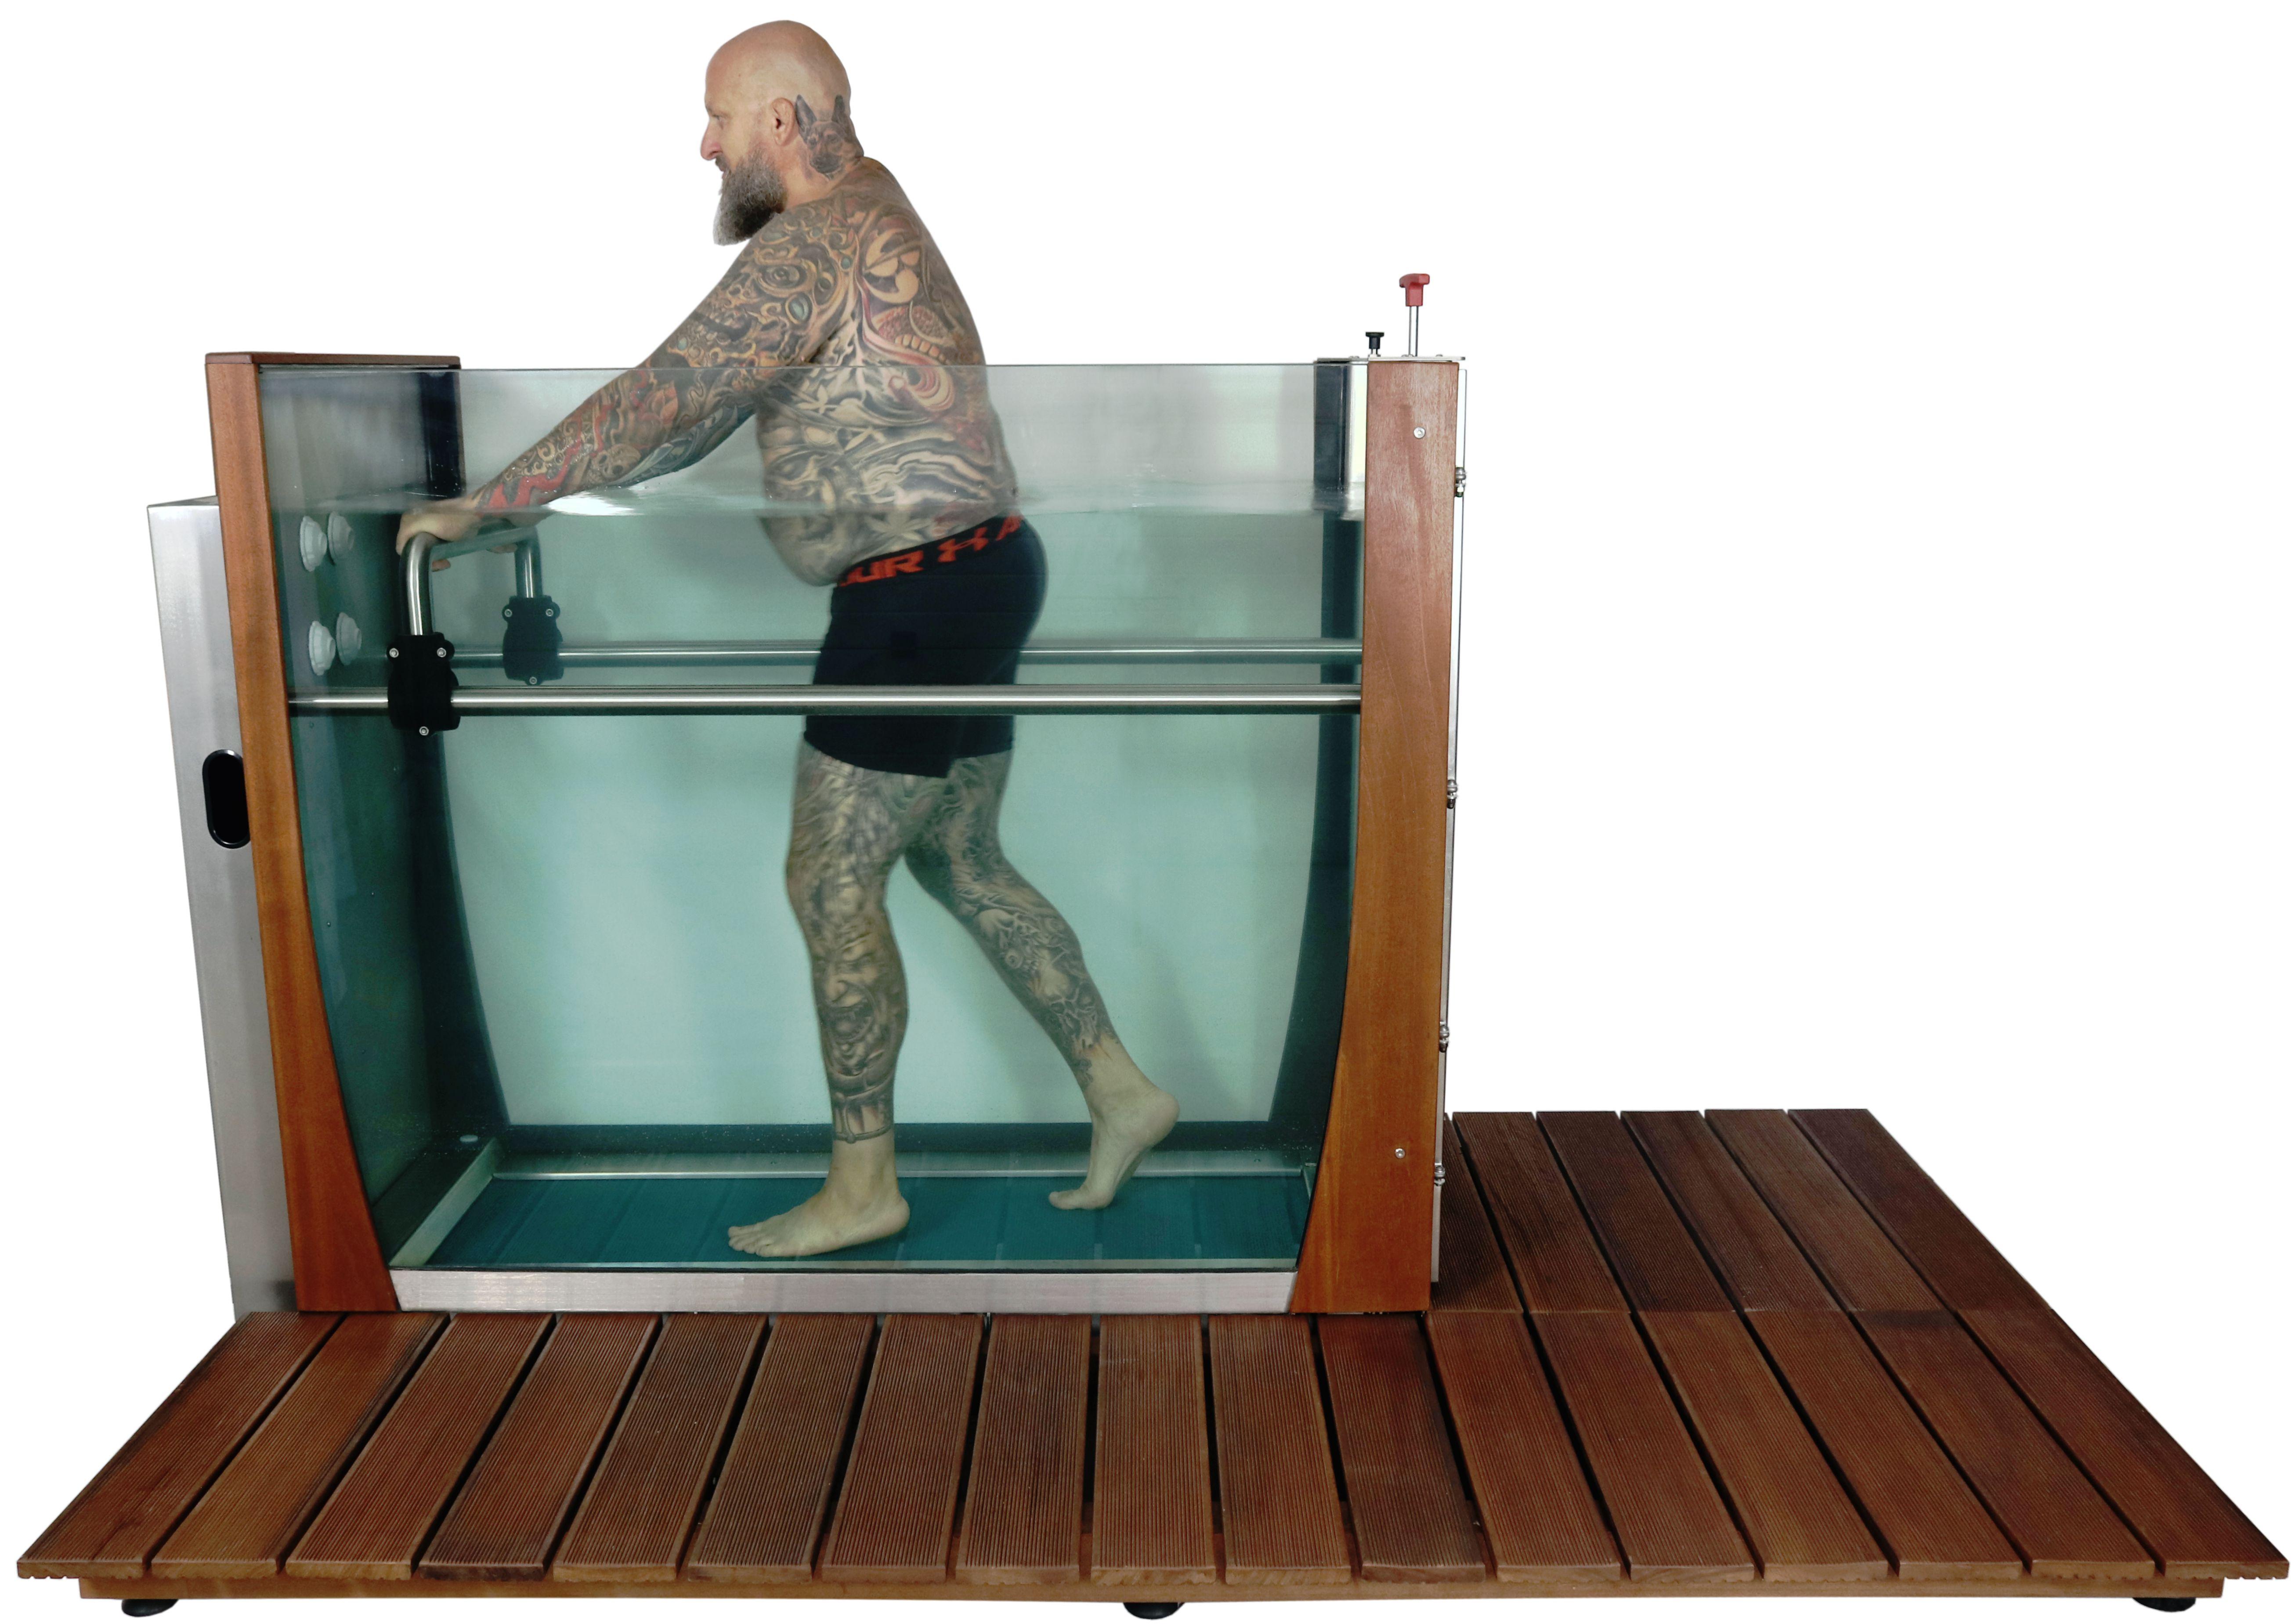 Wskazania do terapii w bieżni wodnej